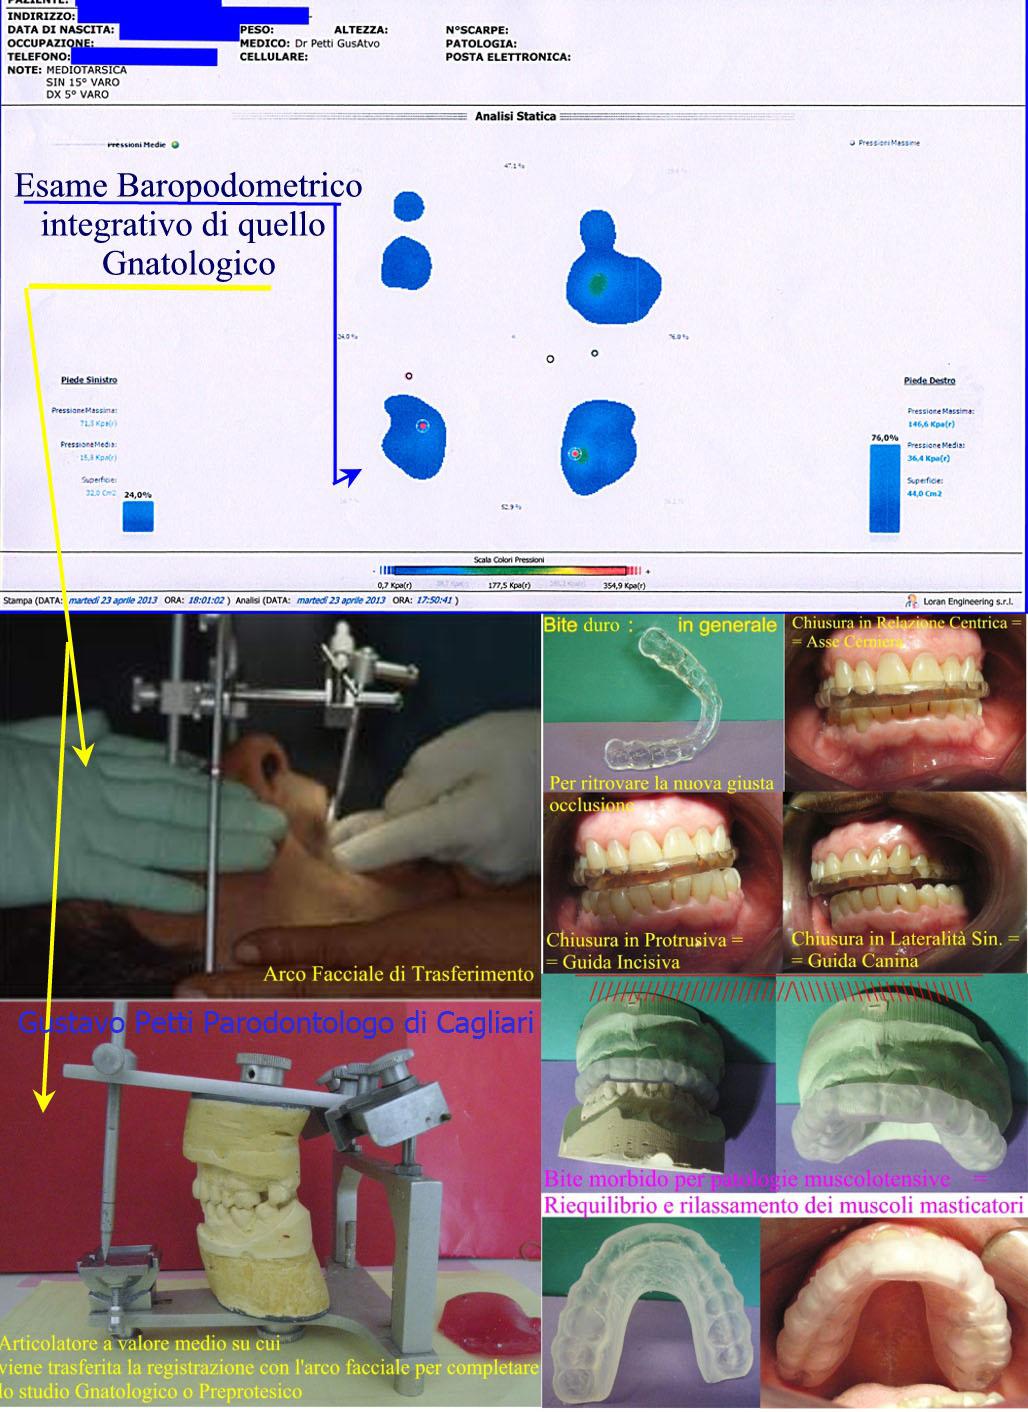 gnatologia-dr-g.petti-cagliari-119.jpg